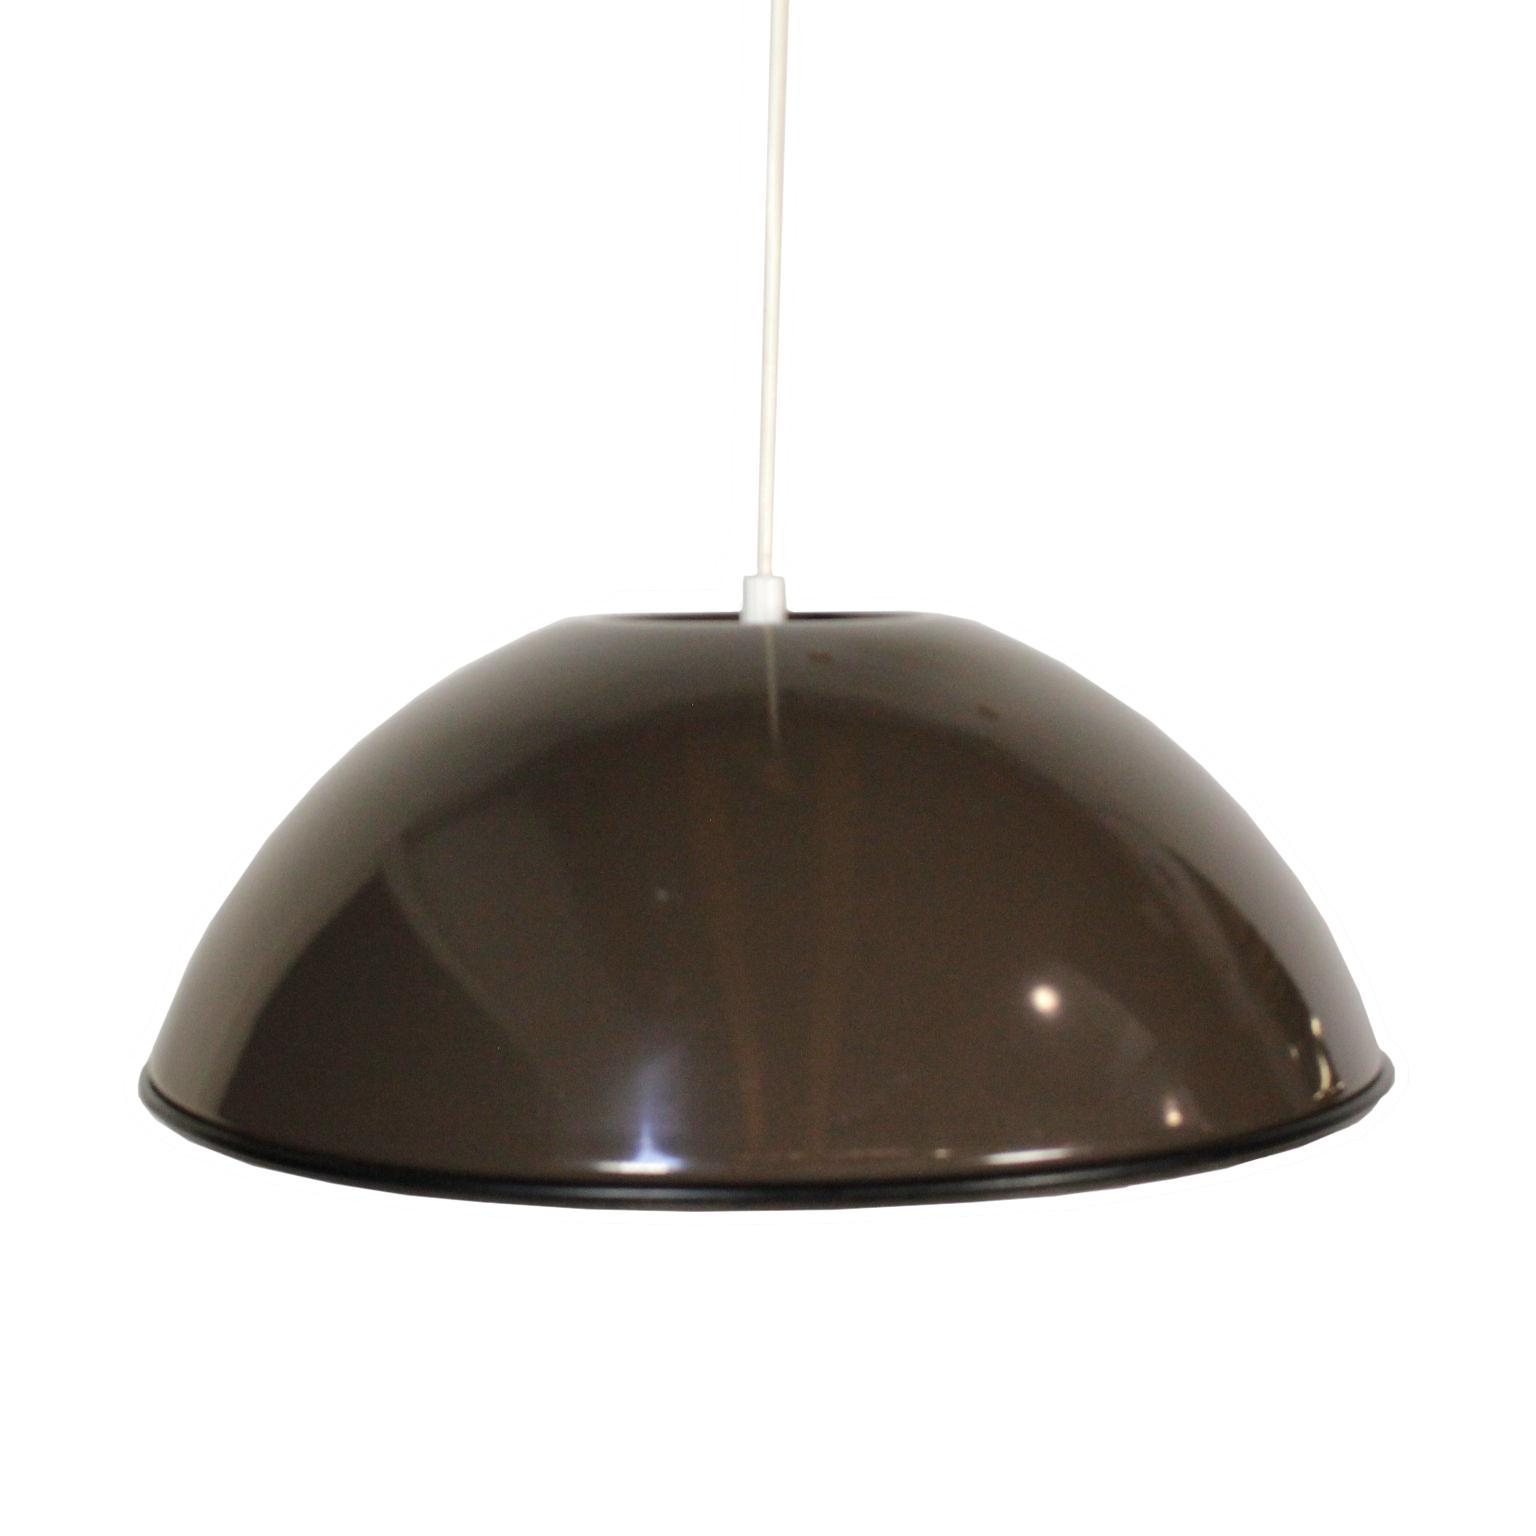 Lampada Achille Castiglioni - Illuminazione - Modernariato ...